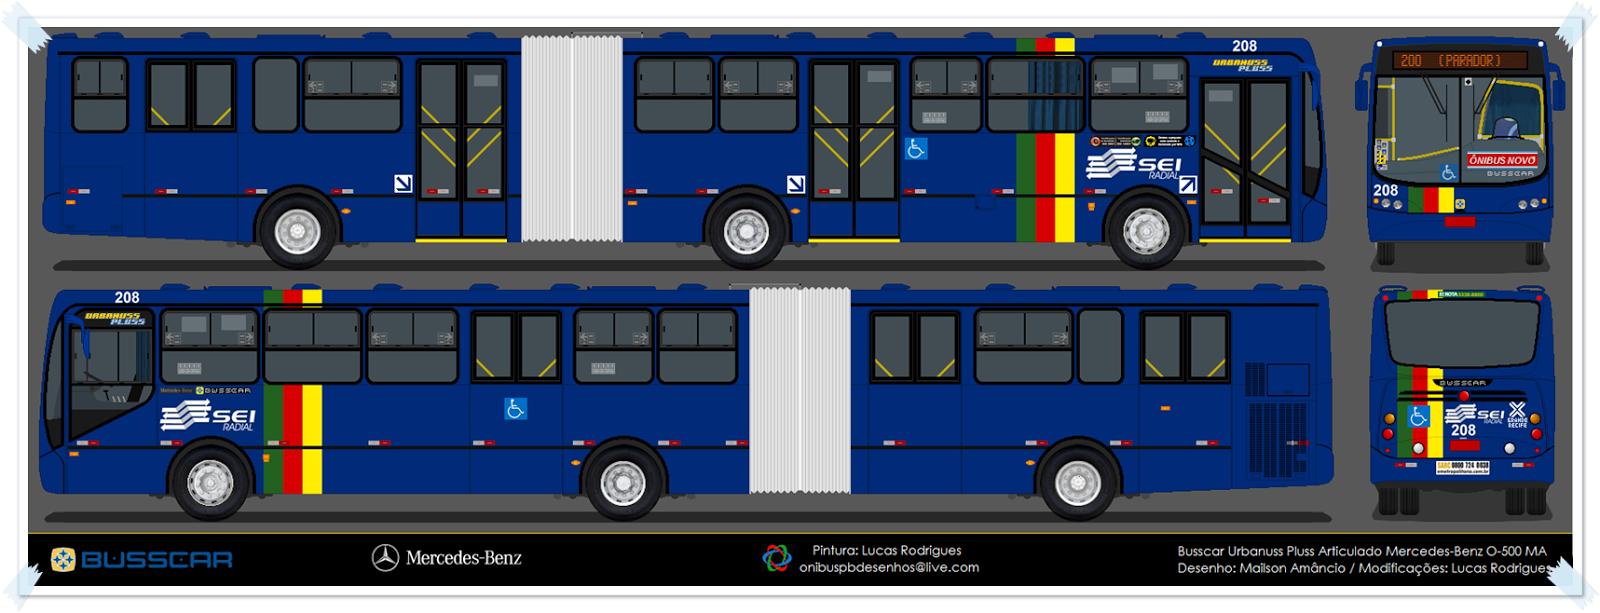 Ônibus da paraíba desenhos 351 da caxangá